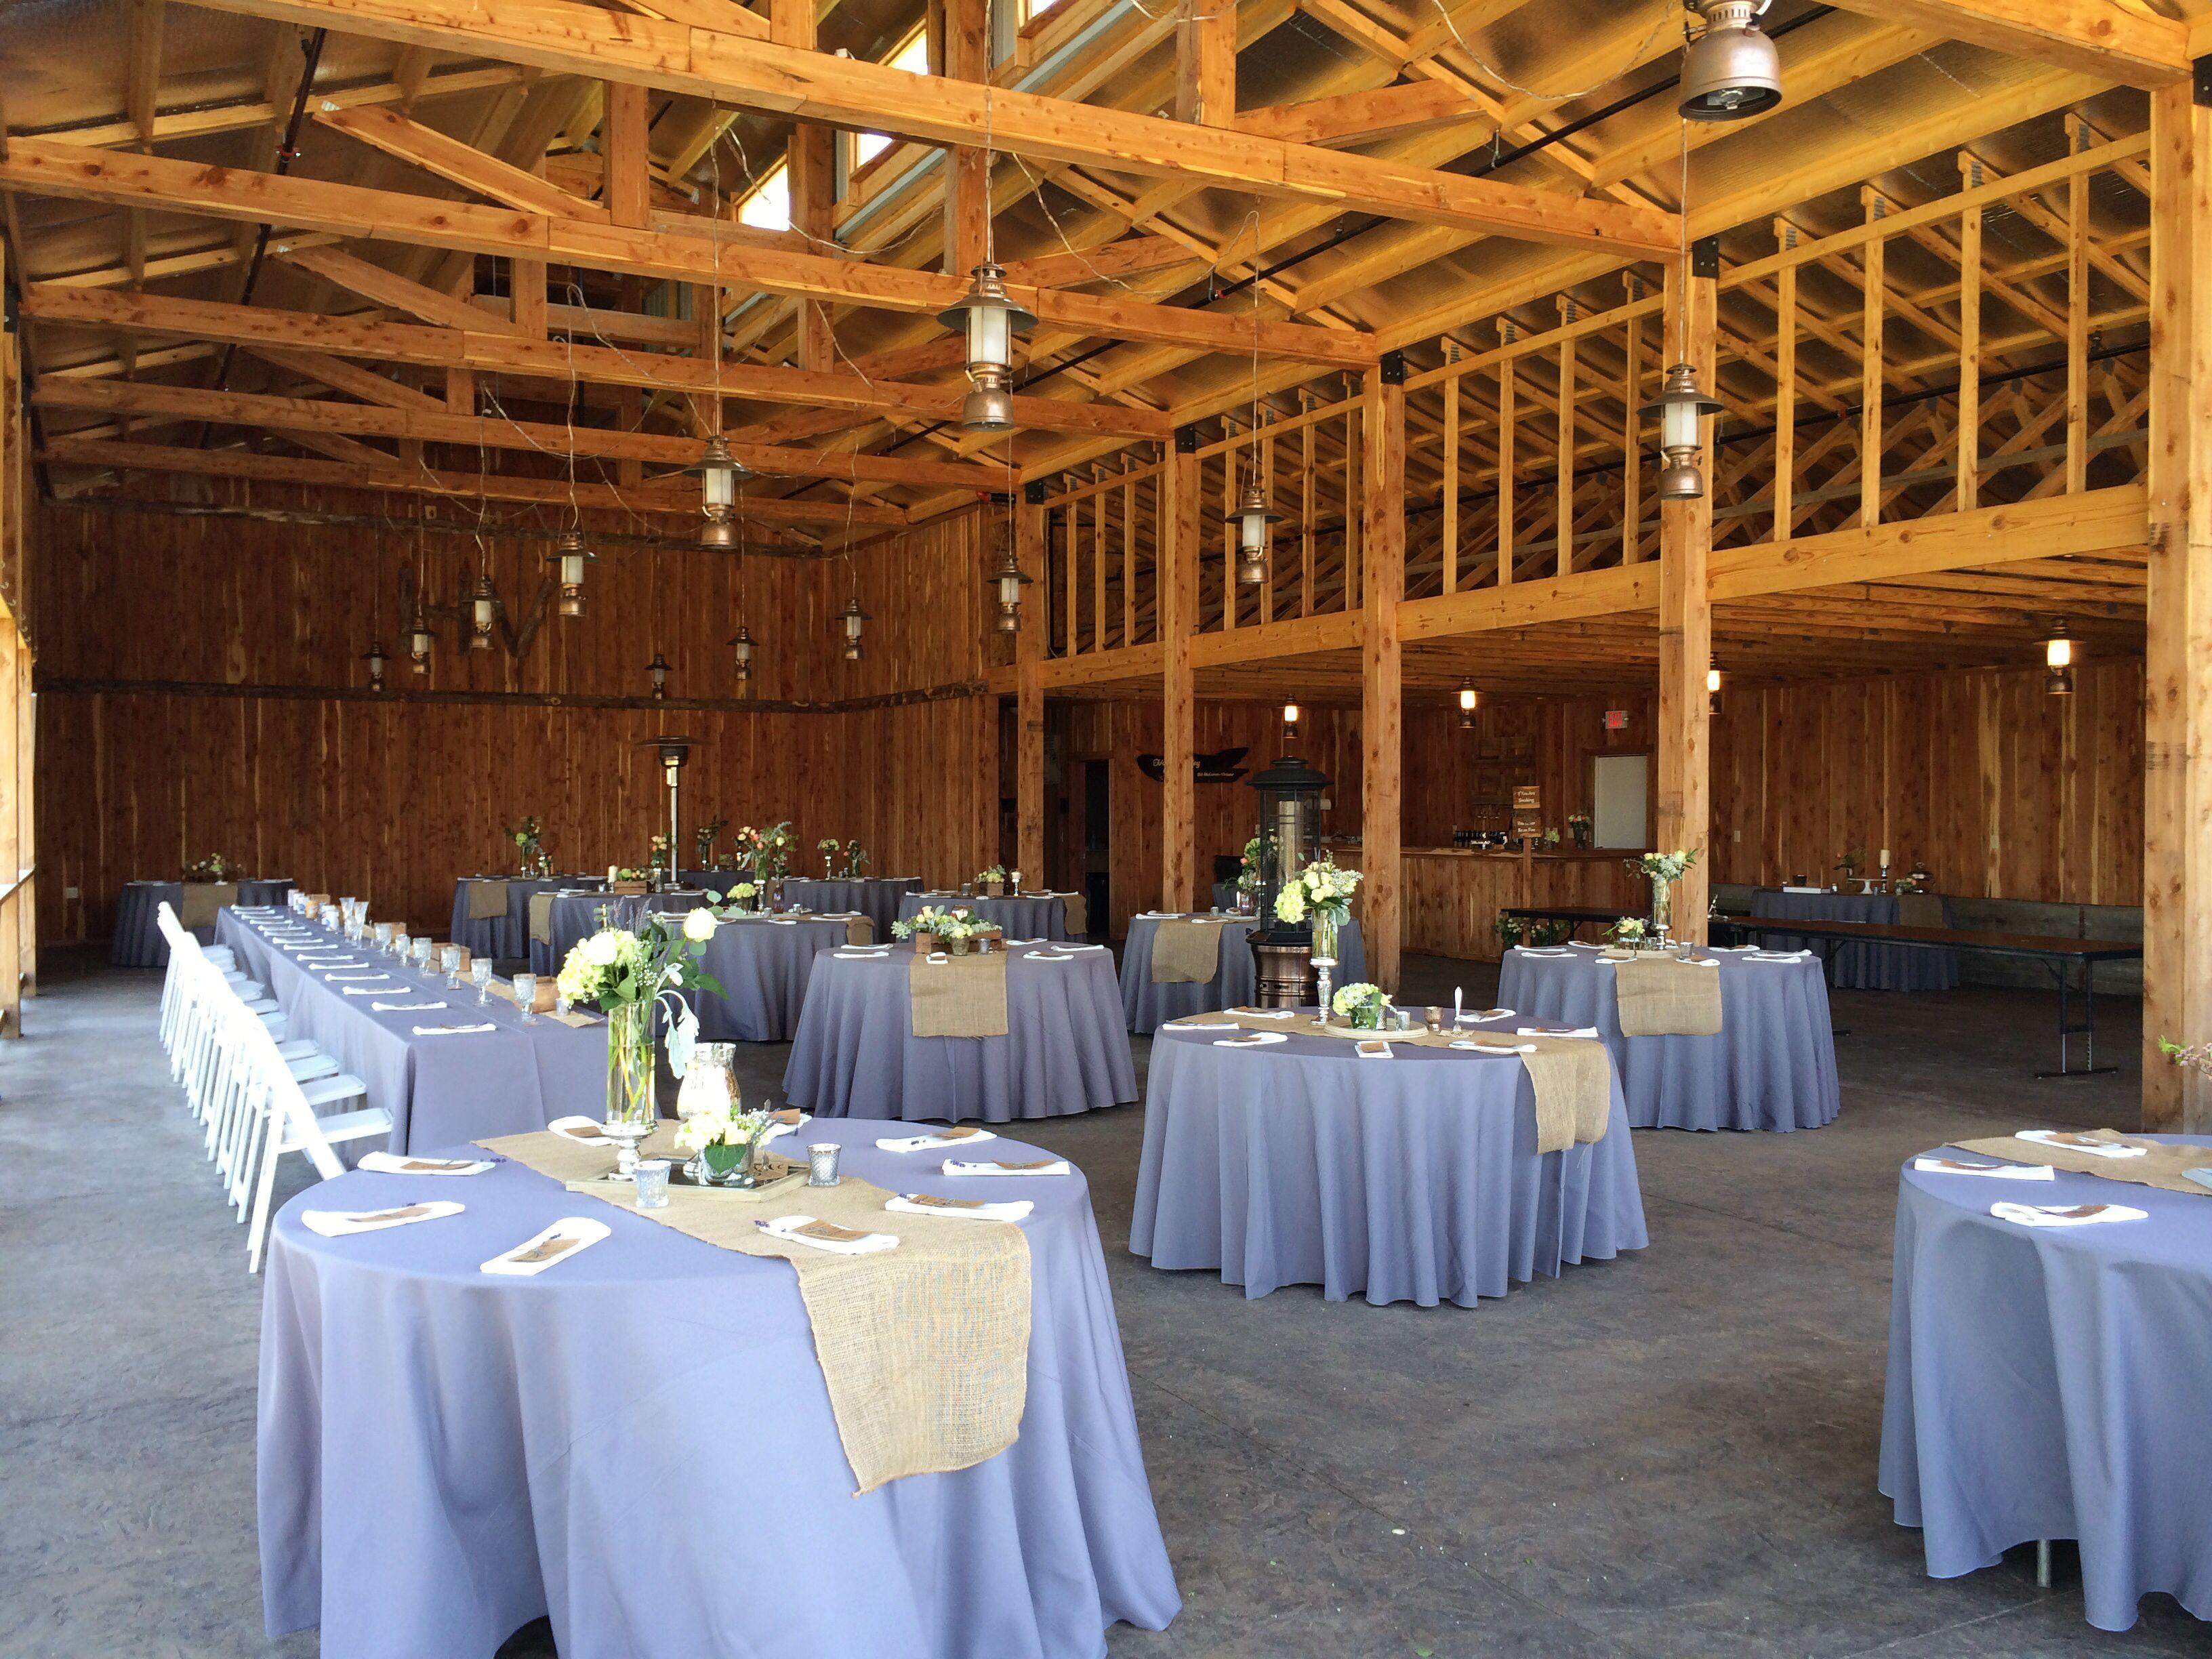 Quail Ridge Lodge Genesis Banquet Center in Saint Louis MO I like